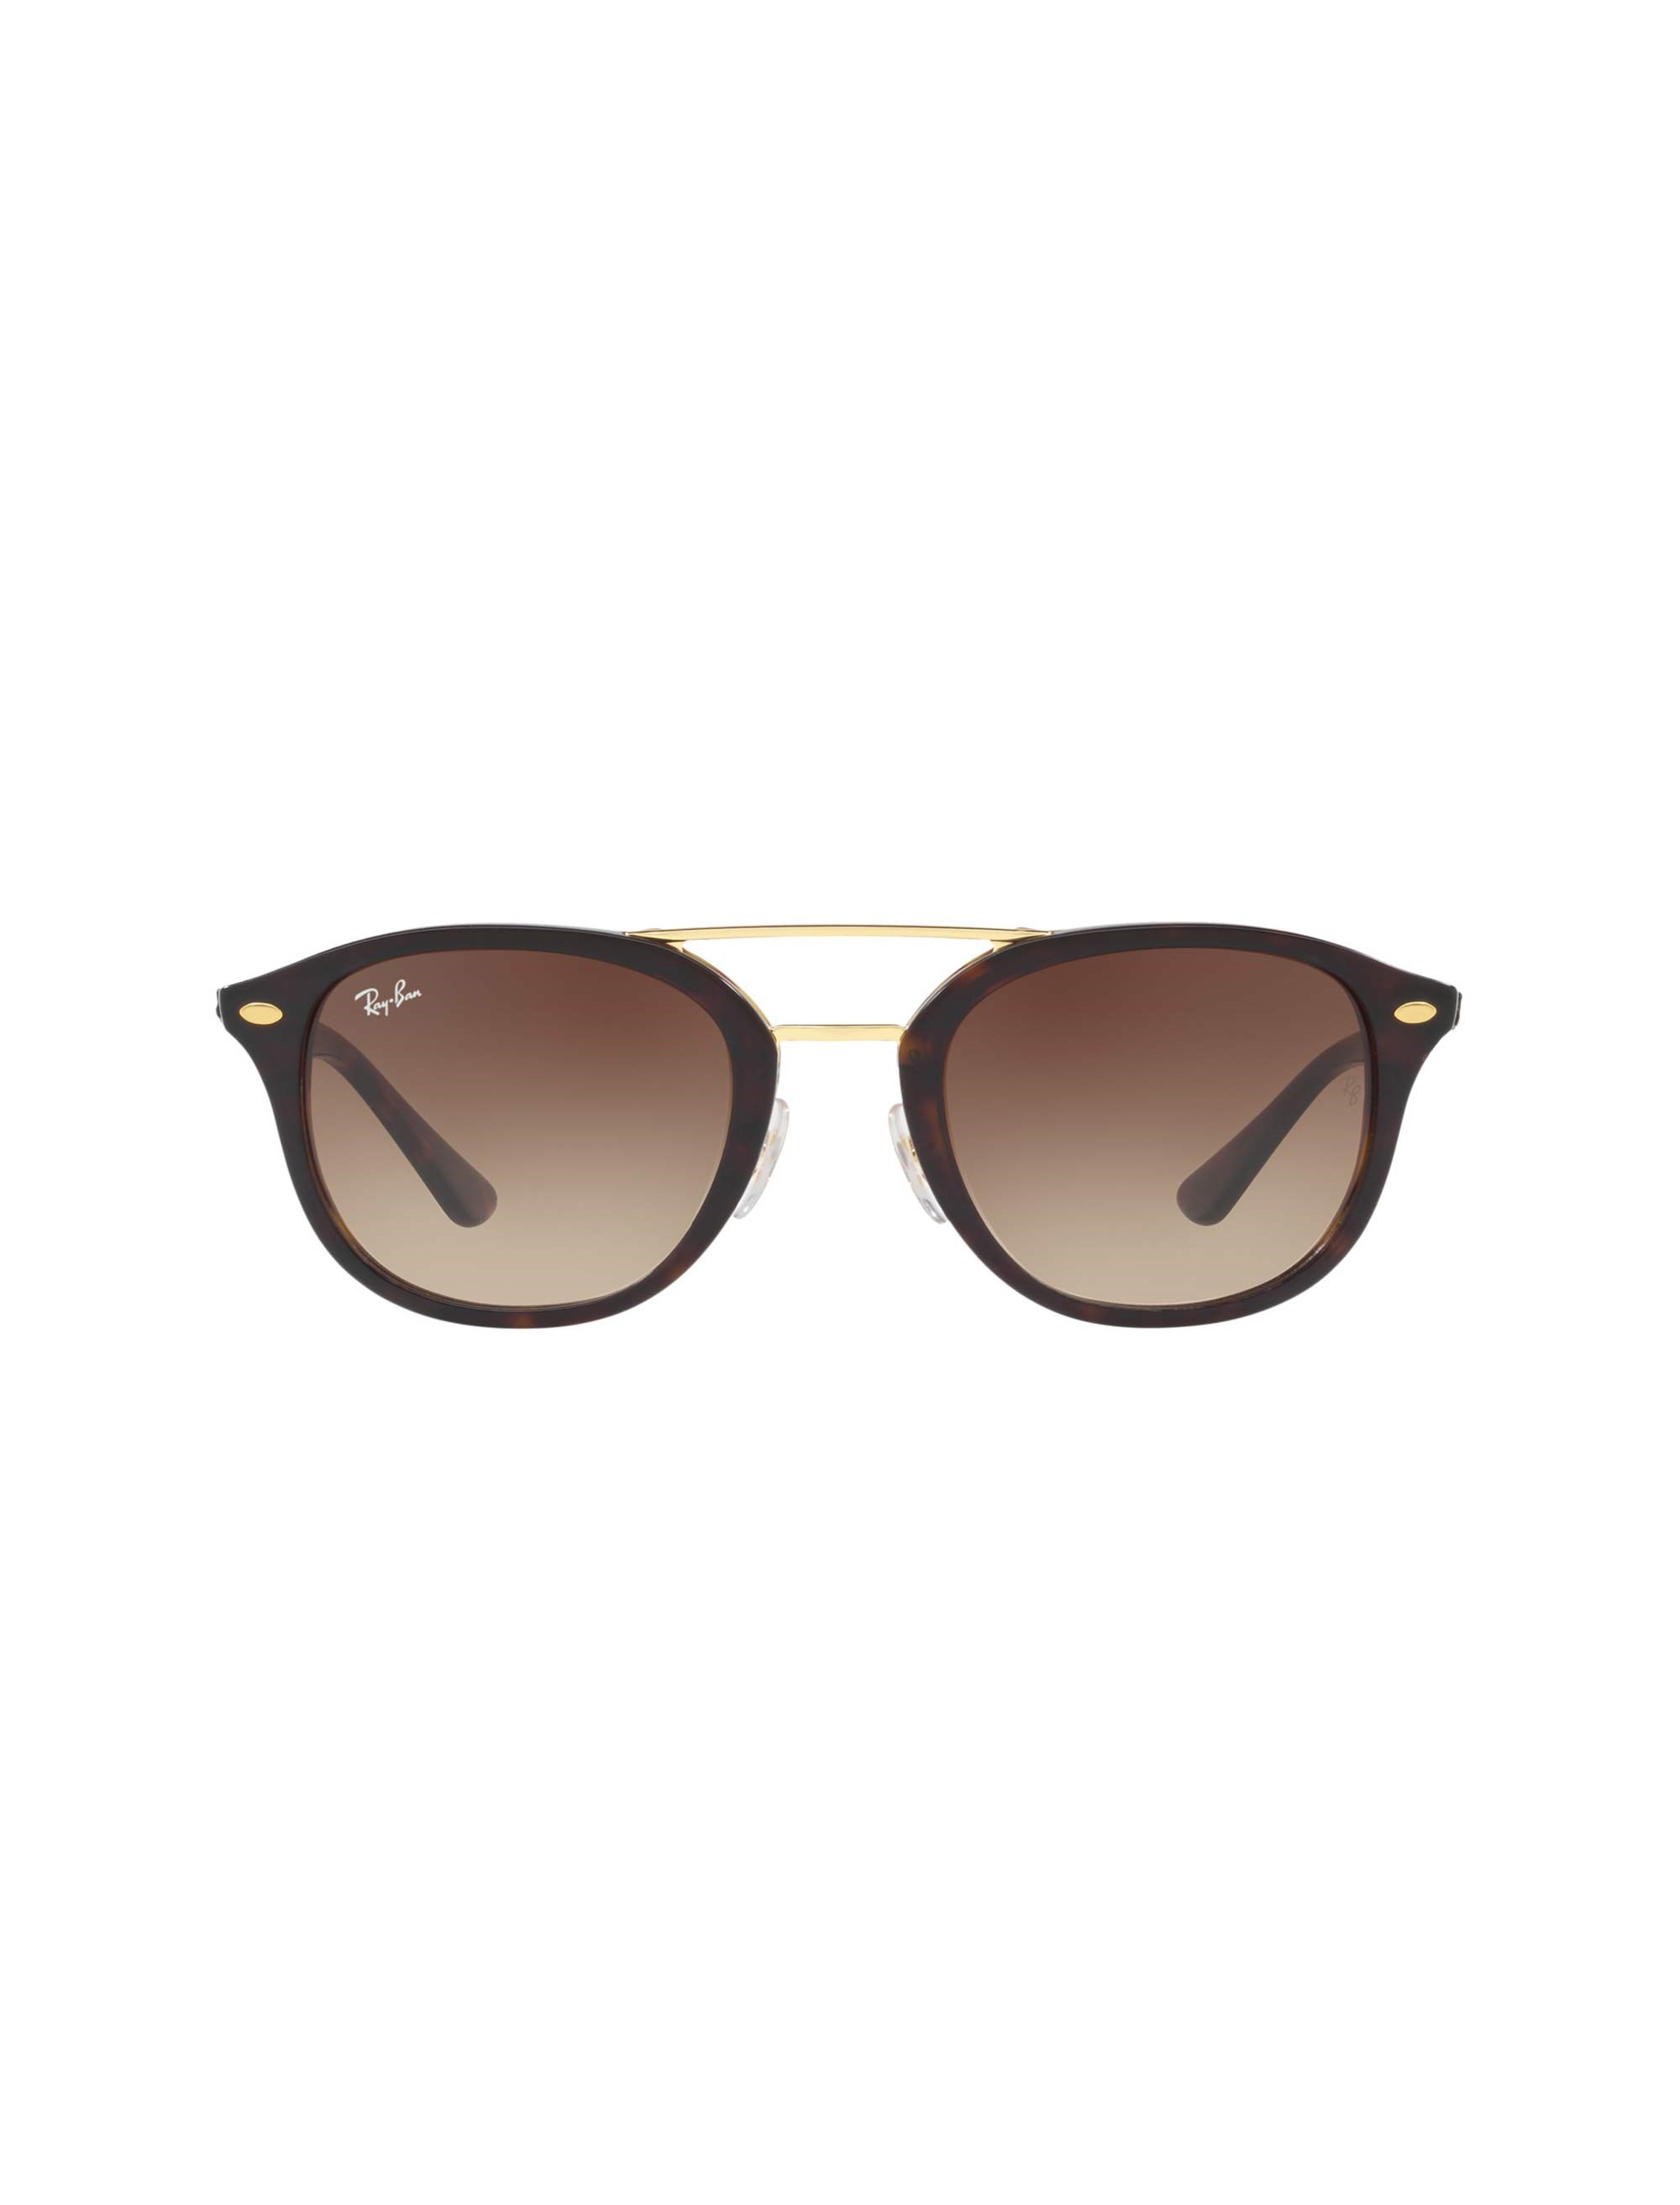 عینک آفتابی مردانه - ری بن